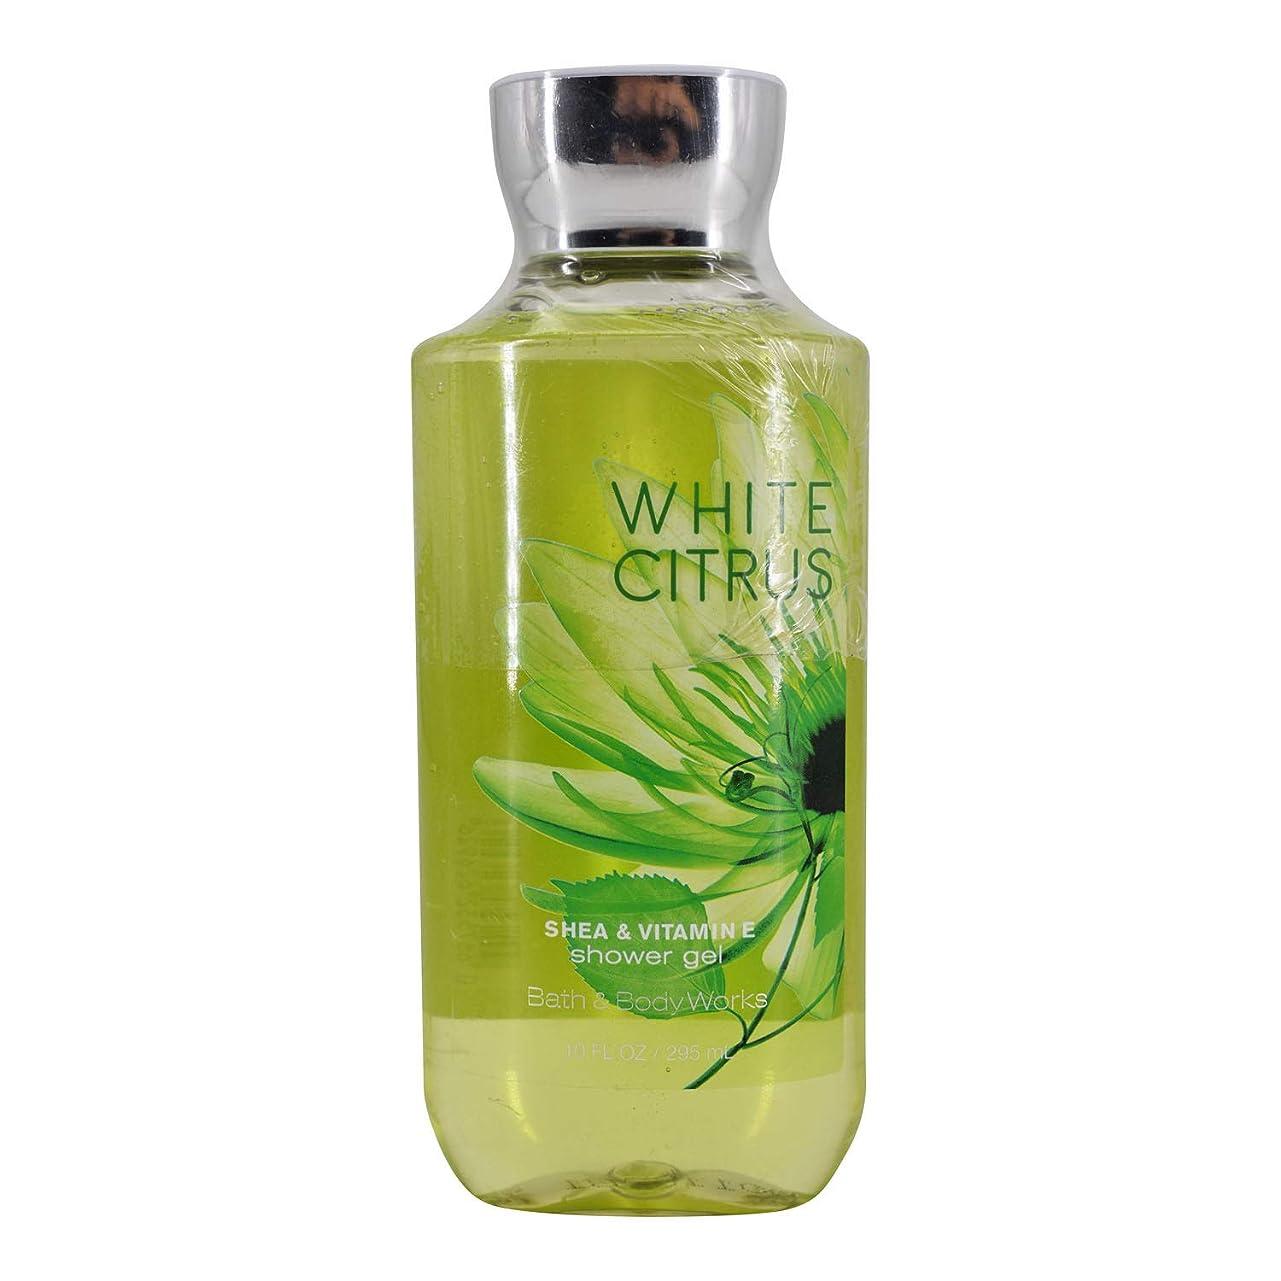 自発的努力いつか【Bath&Body Works/バス&ボディワークス】 シャワージェル ホワイトシトラス Shower Gel White Citrus 10 fl oz / 295 mL [並行輸入品]